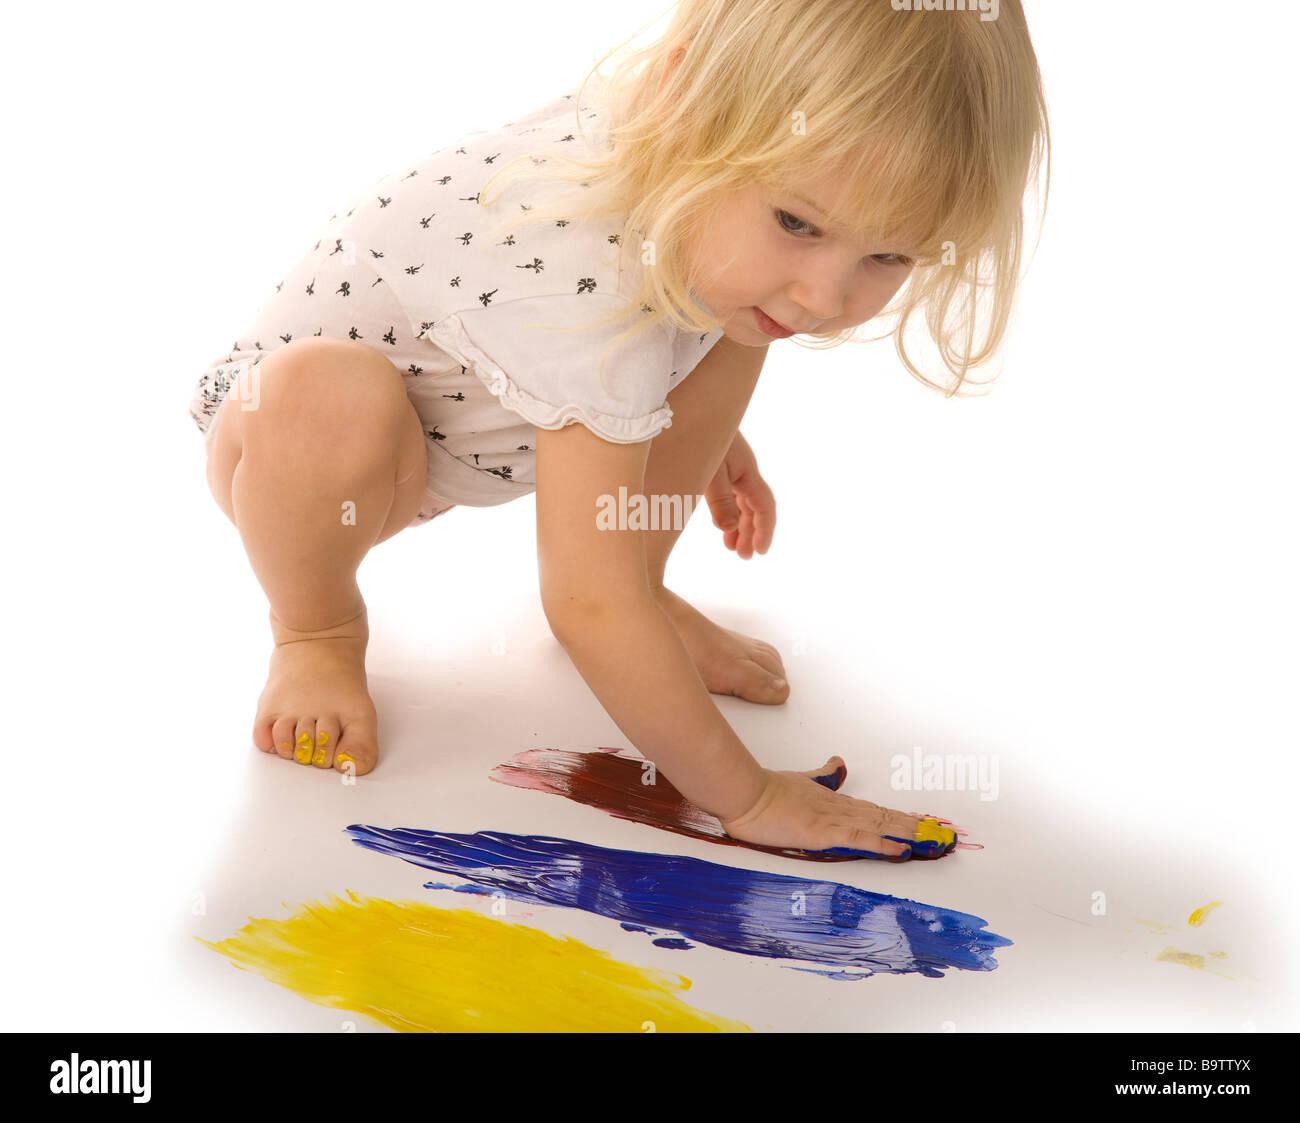 Piccola ragazza gouache dipinto su sfondo bianco Immagini Stock